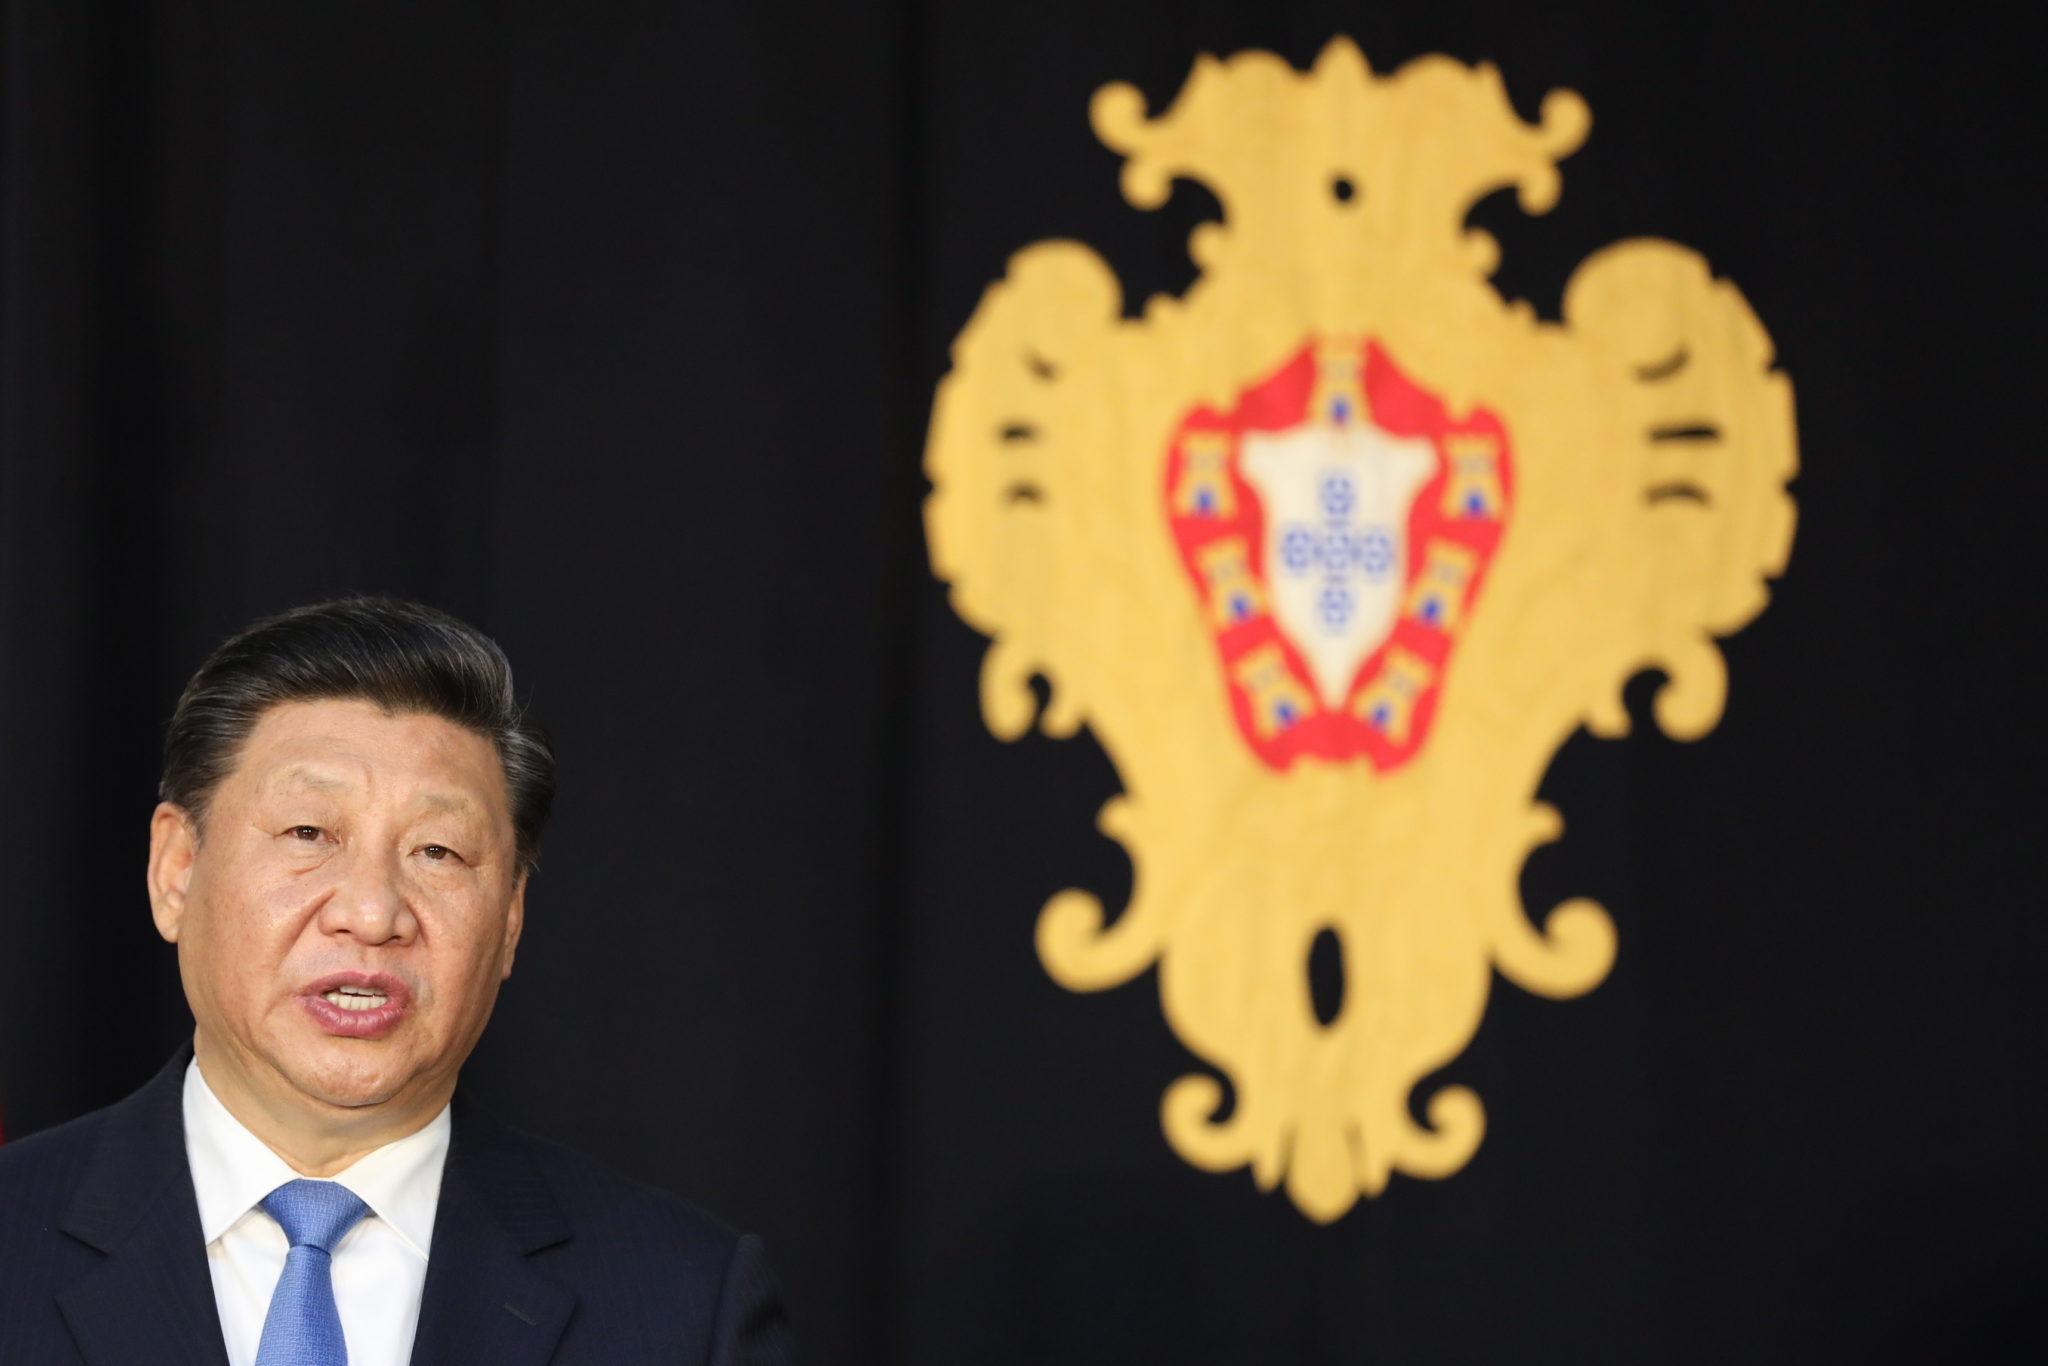 Visita de Xi Jinping a Portugal